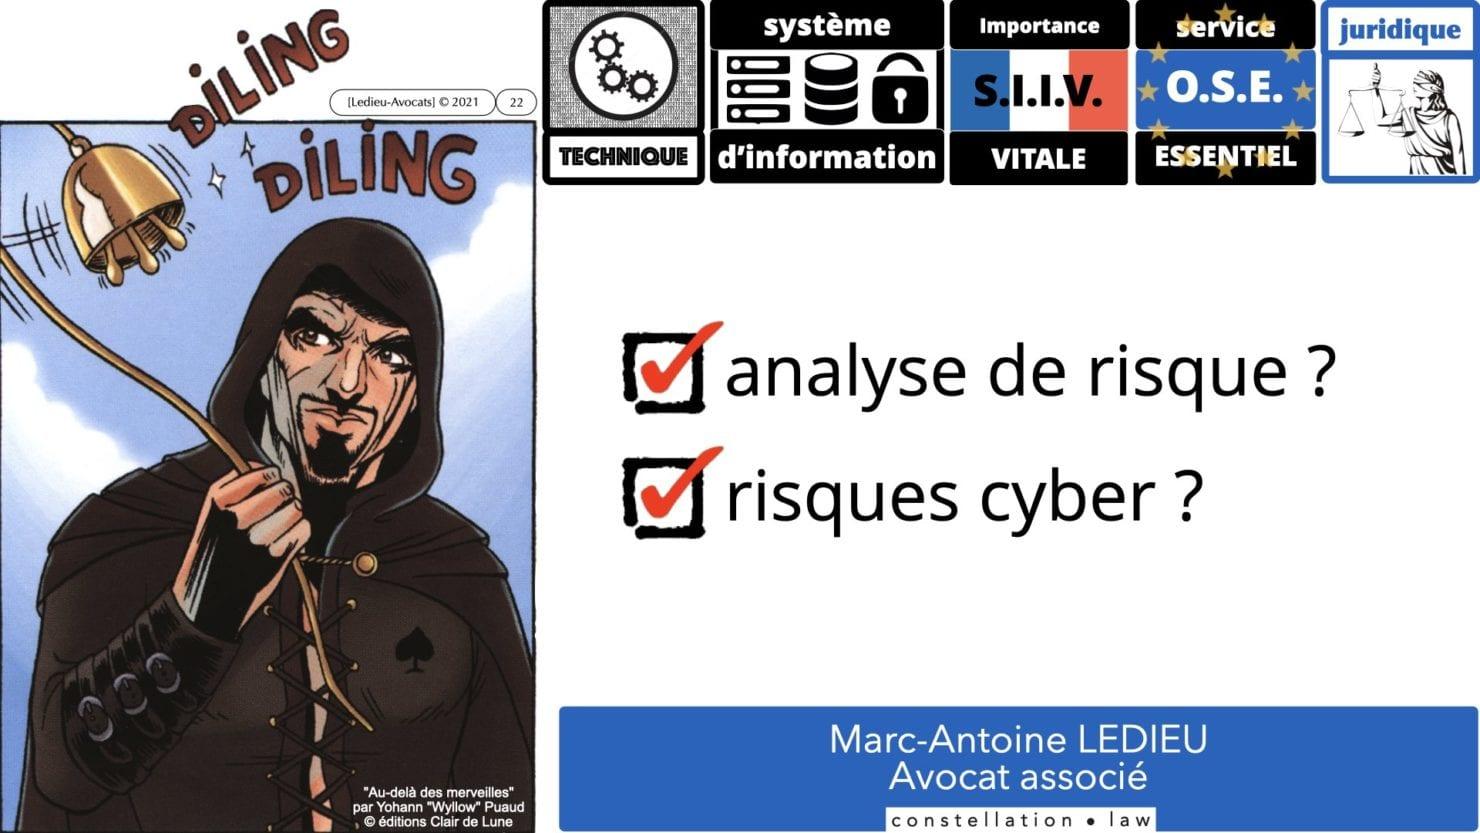 342 cyber sécurité #2 OIV OSE analyse risque EBIOS RM © Ledieu-avocat 15-07-2021.016